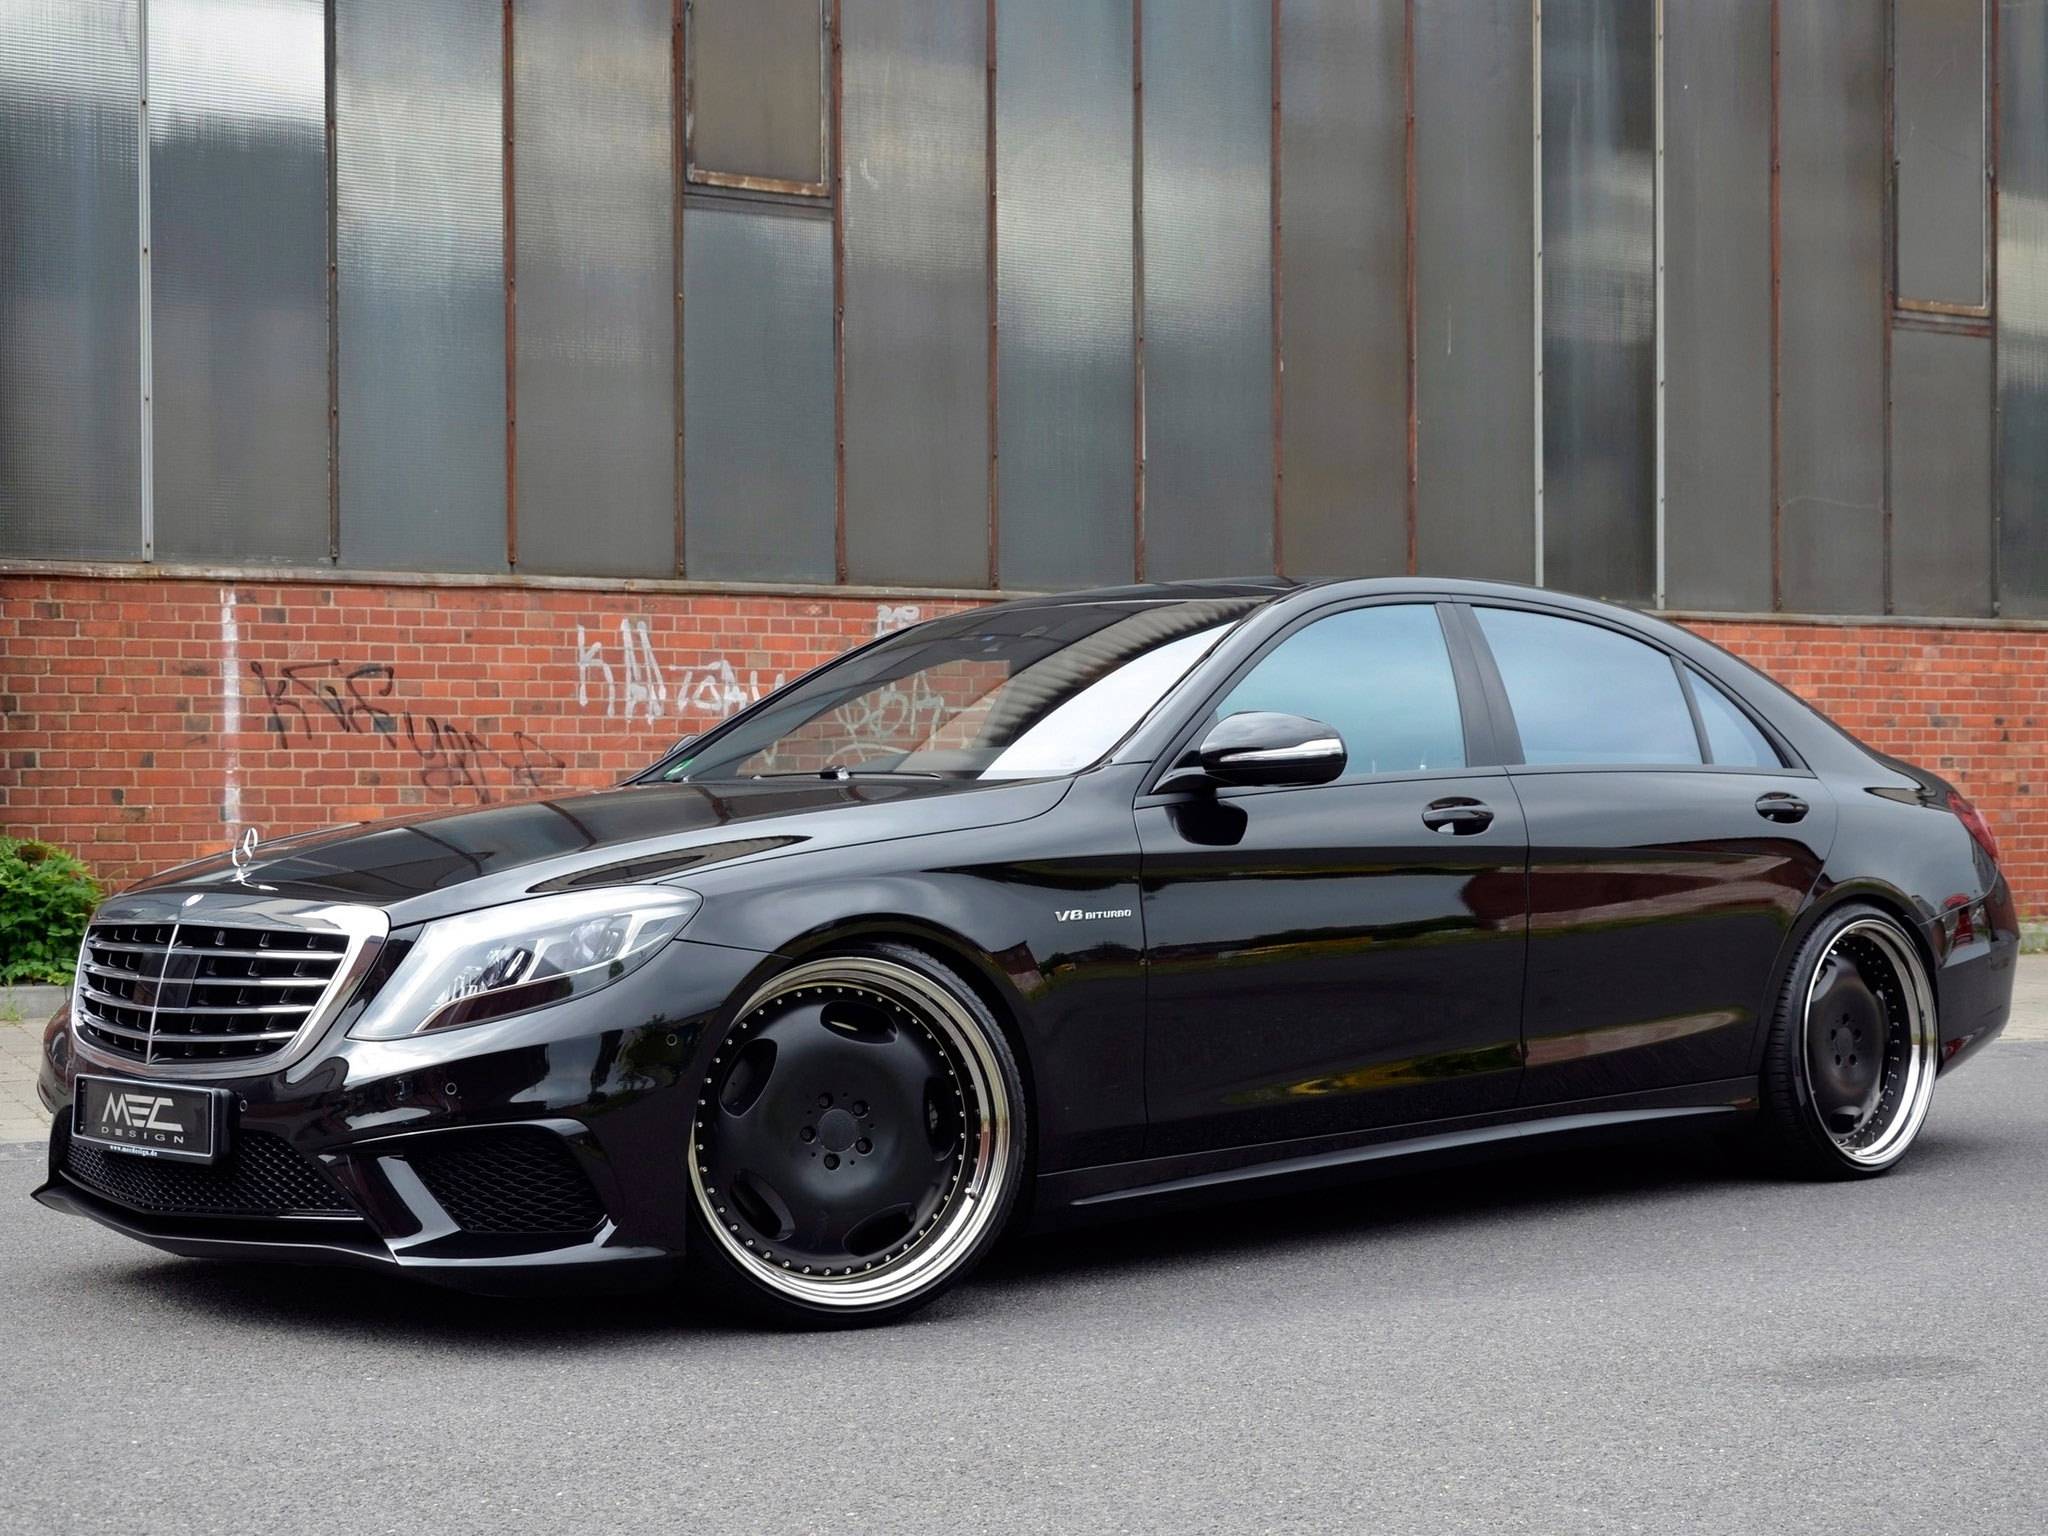 2014 Mec Design - AMG Mercedes Classe S S63